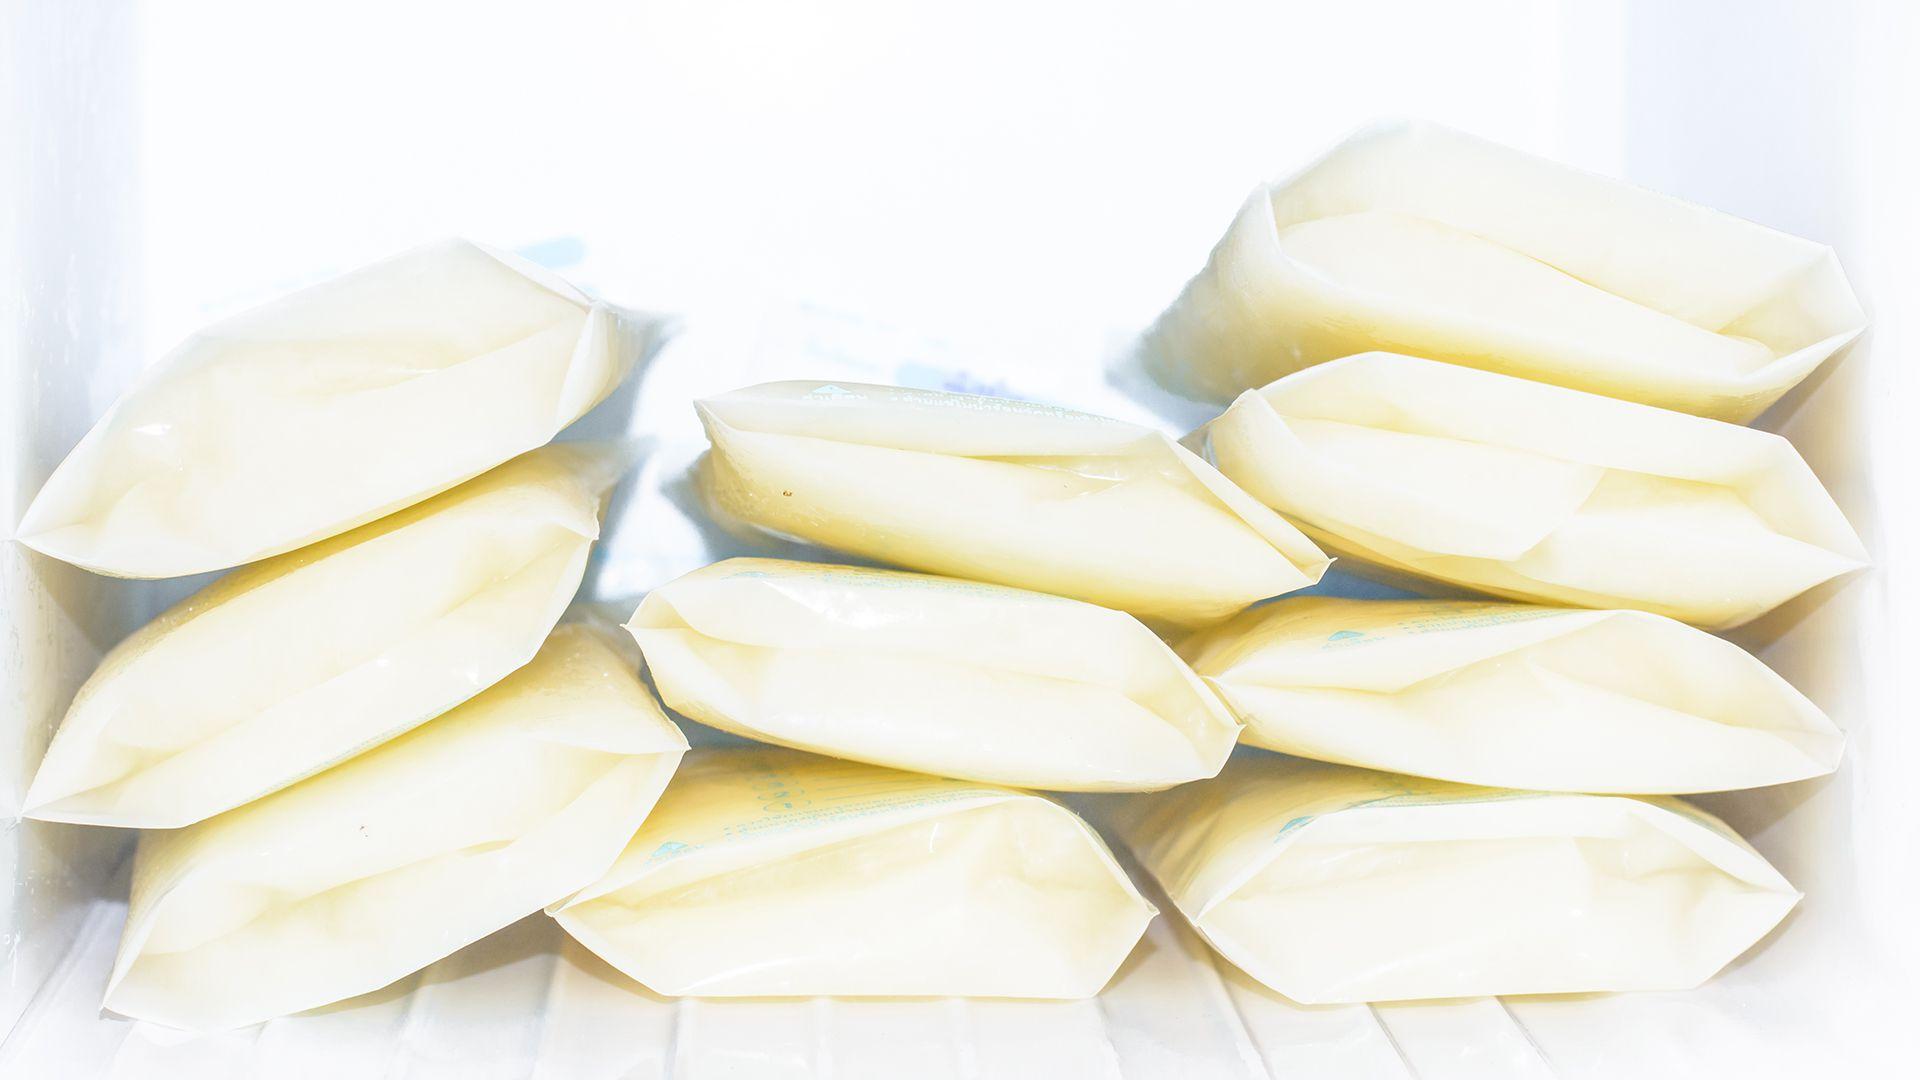 Una de las grandes incógnitas ahora es cuánta protección reciben los bebés de la leche materna (Getty Images)